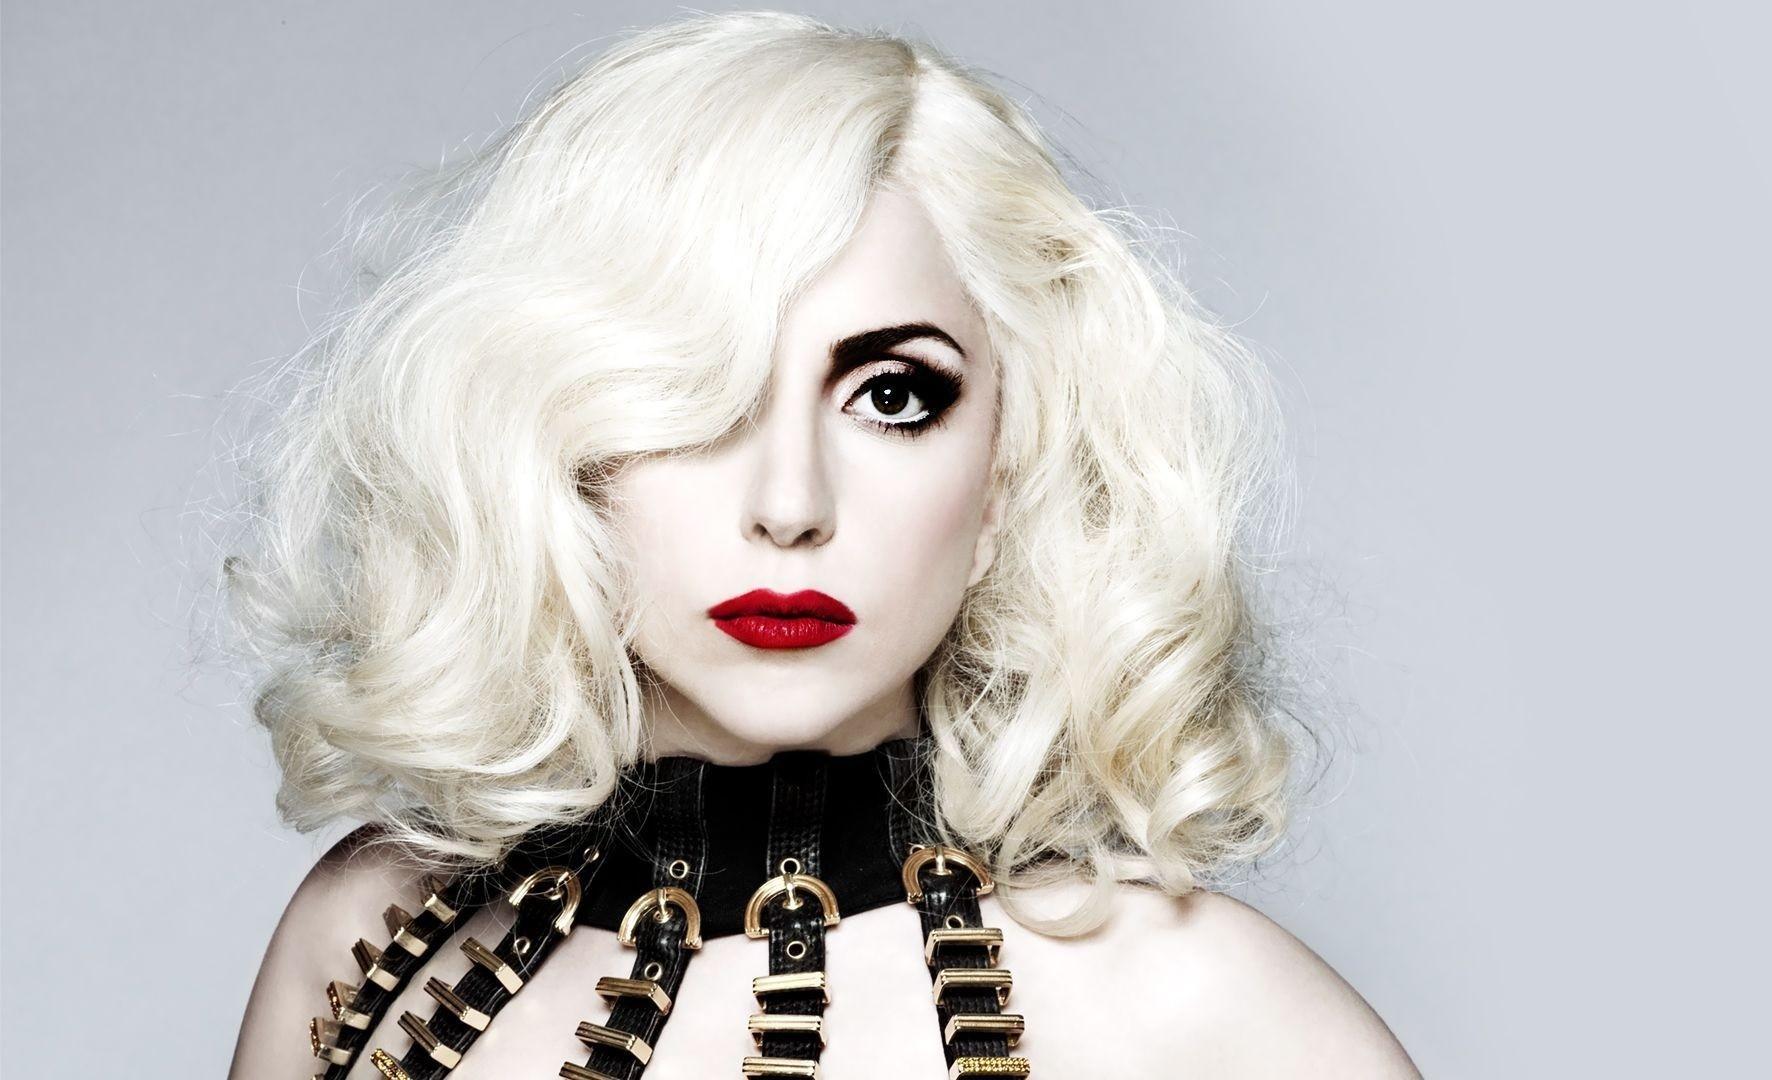 Леди Гага выступит вместо беременной Бейонсе на фестивале Coachella в Калифорнии